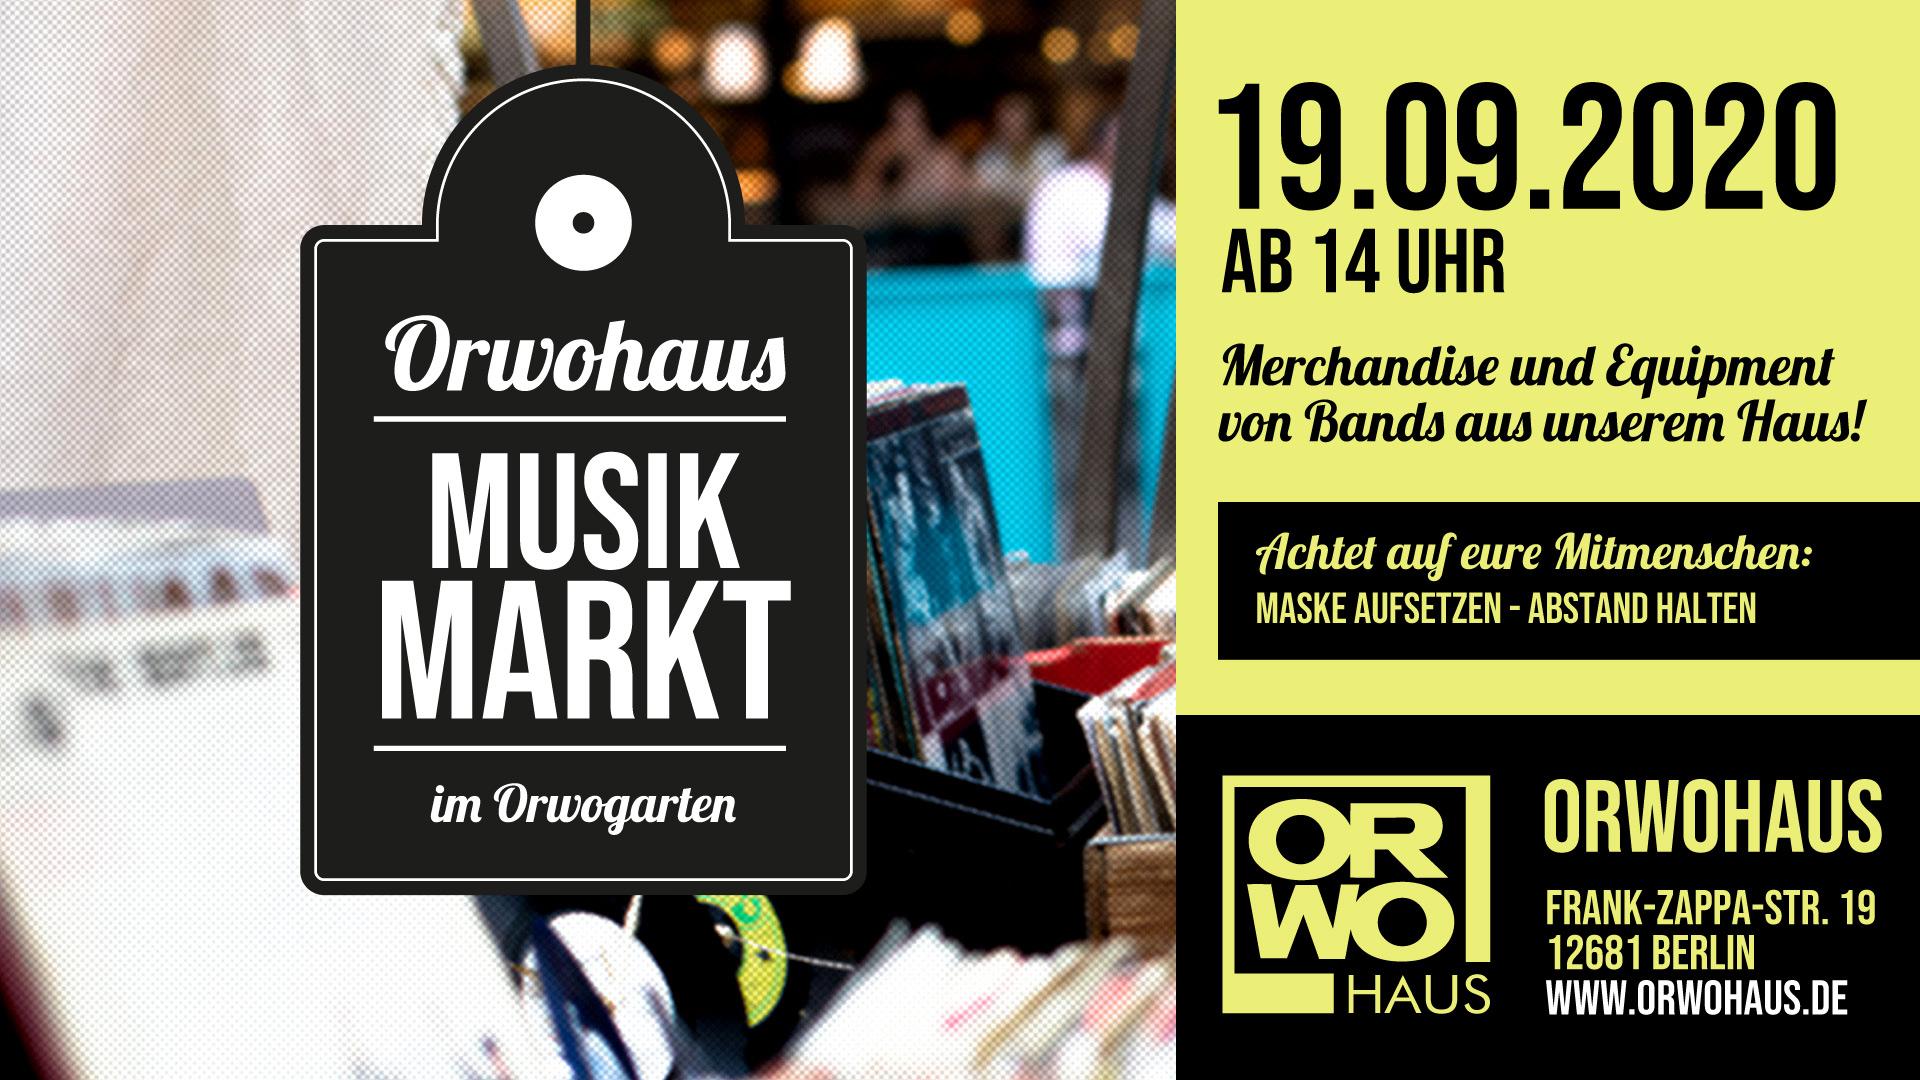 Flohmarkt und Merchmarkt für Musik